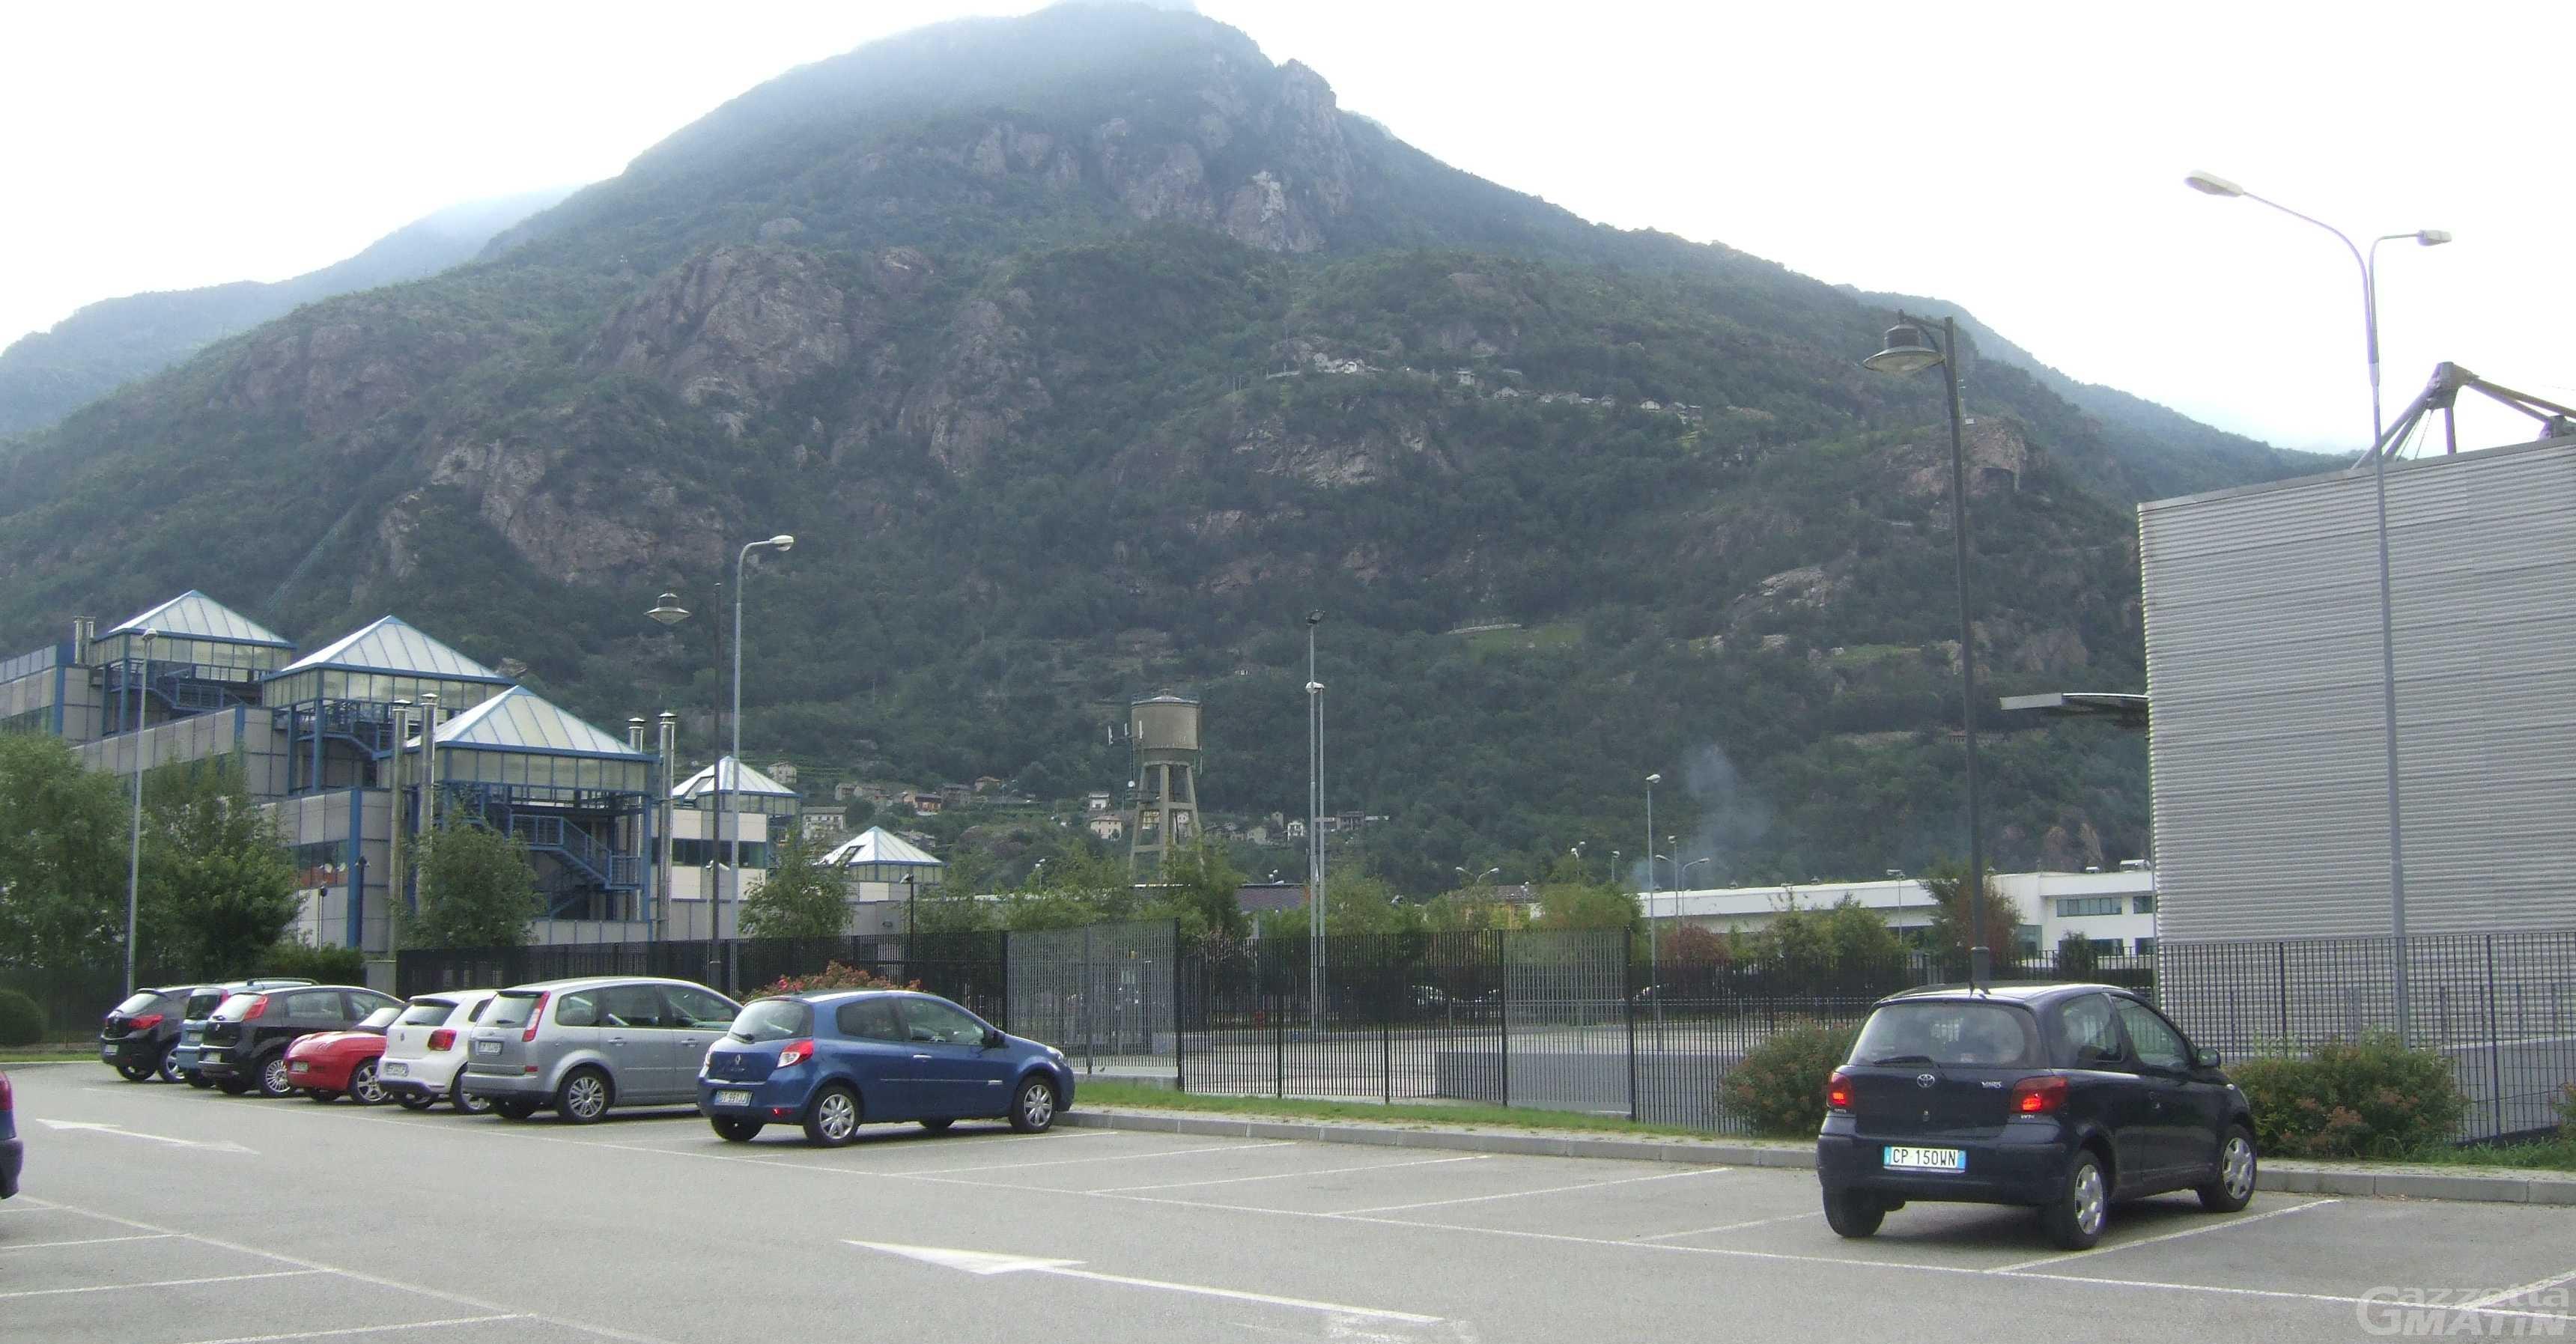 Pont-Saint-Martin: 250 mila euro per potenziare il centro di stoccaggio dei rifiuti